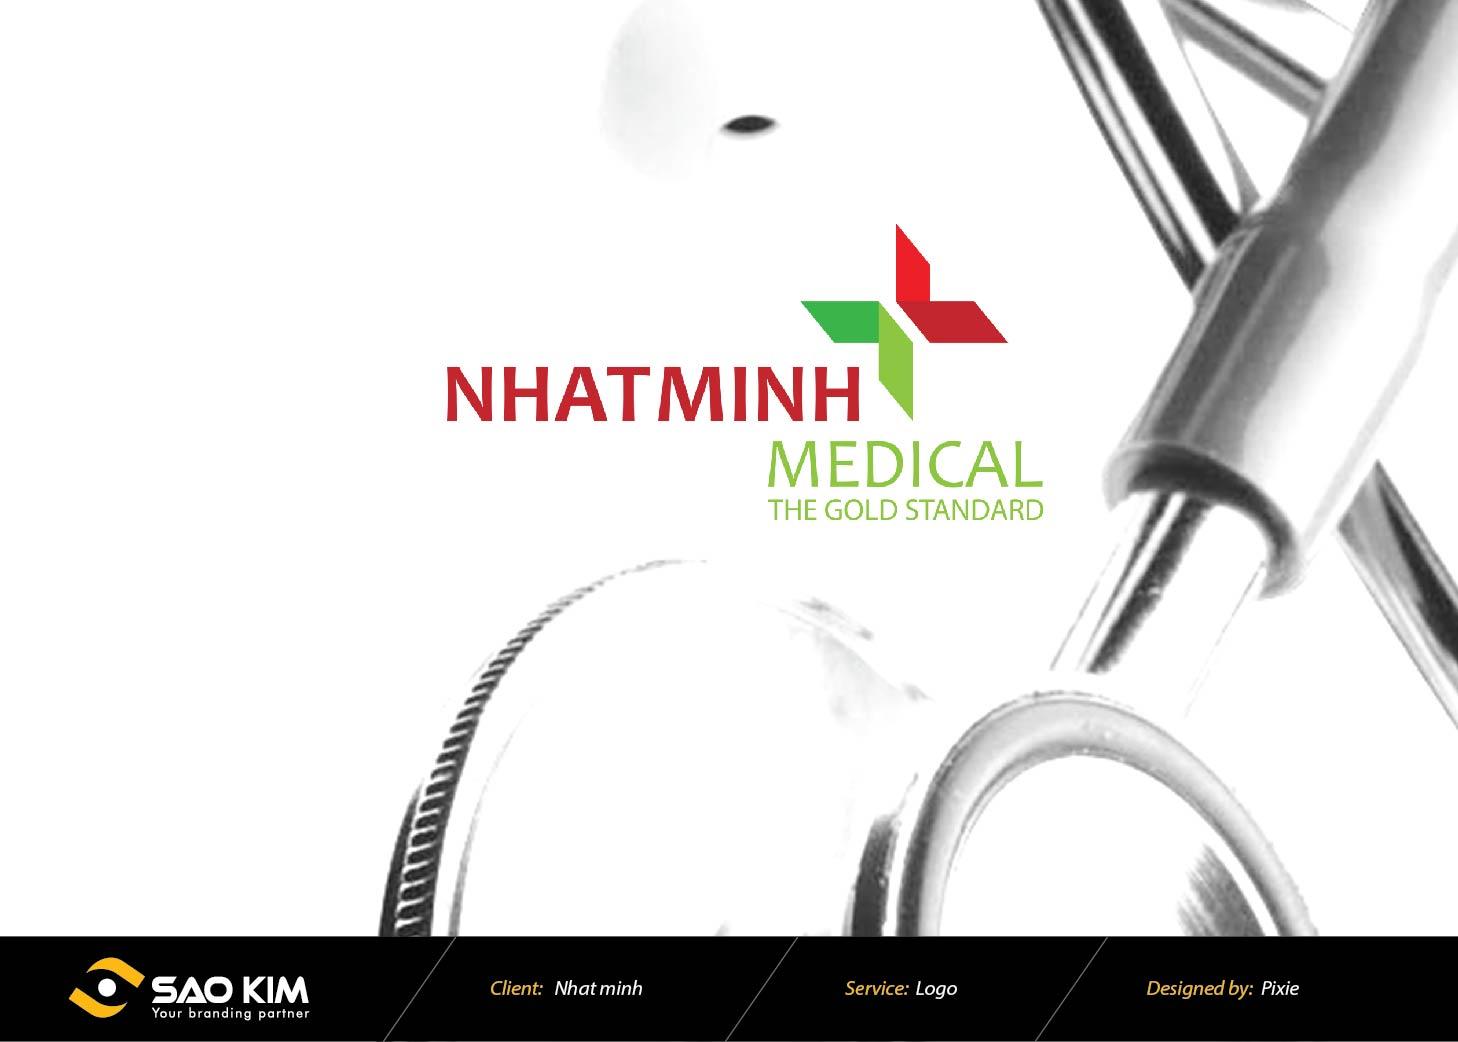 Thiết kế logo Công ty Thiết Bị Y Tế Nhất Minh tại Hà Nội